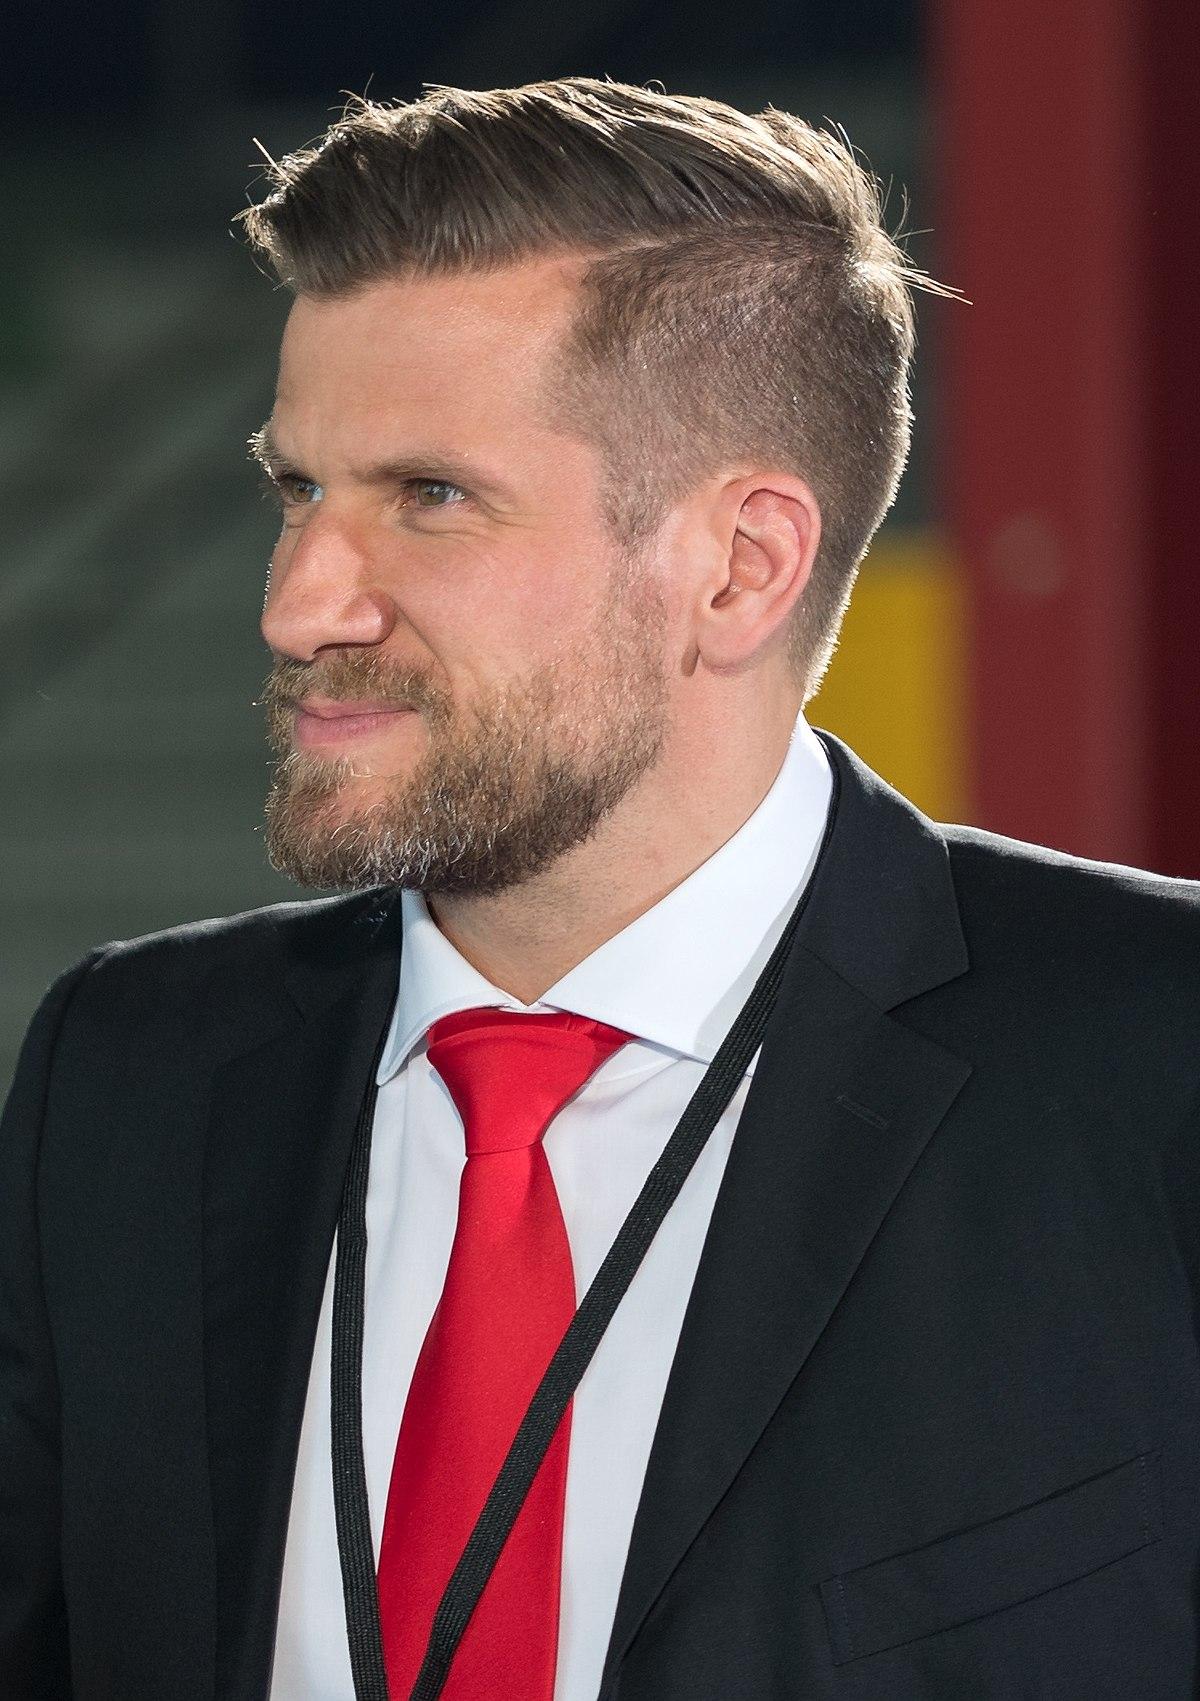 Fabian Siegismund